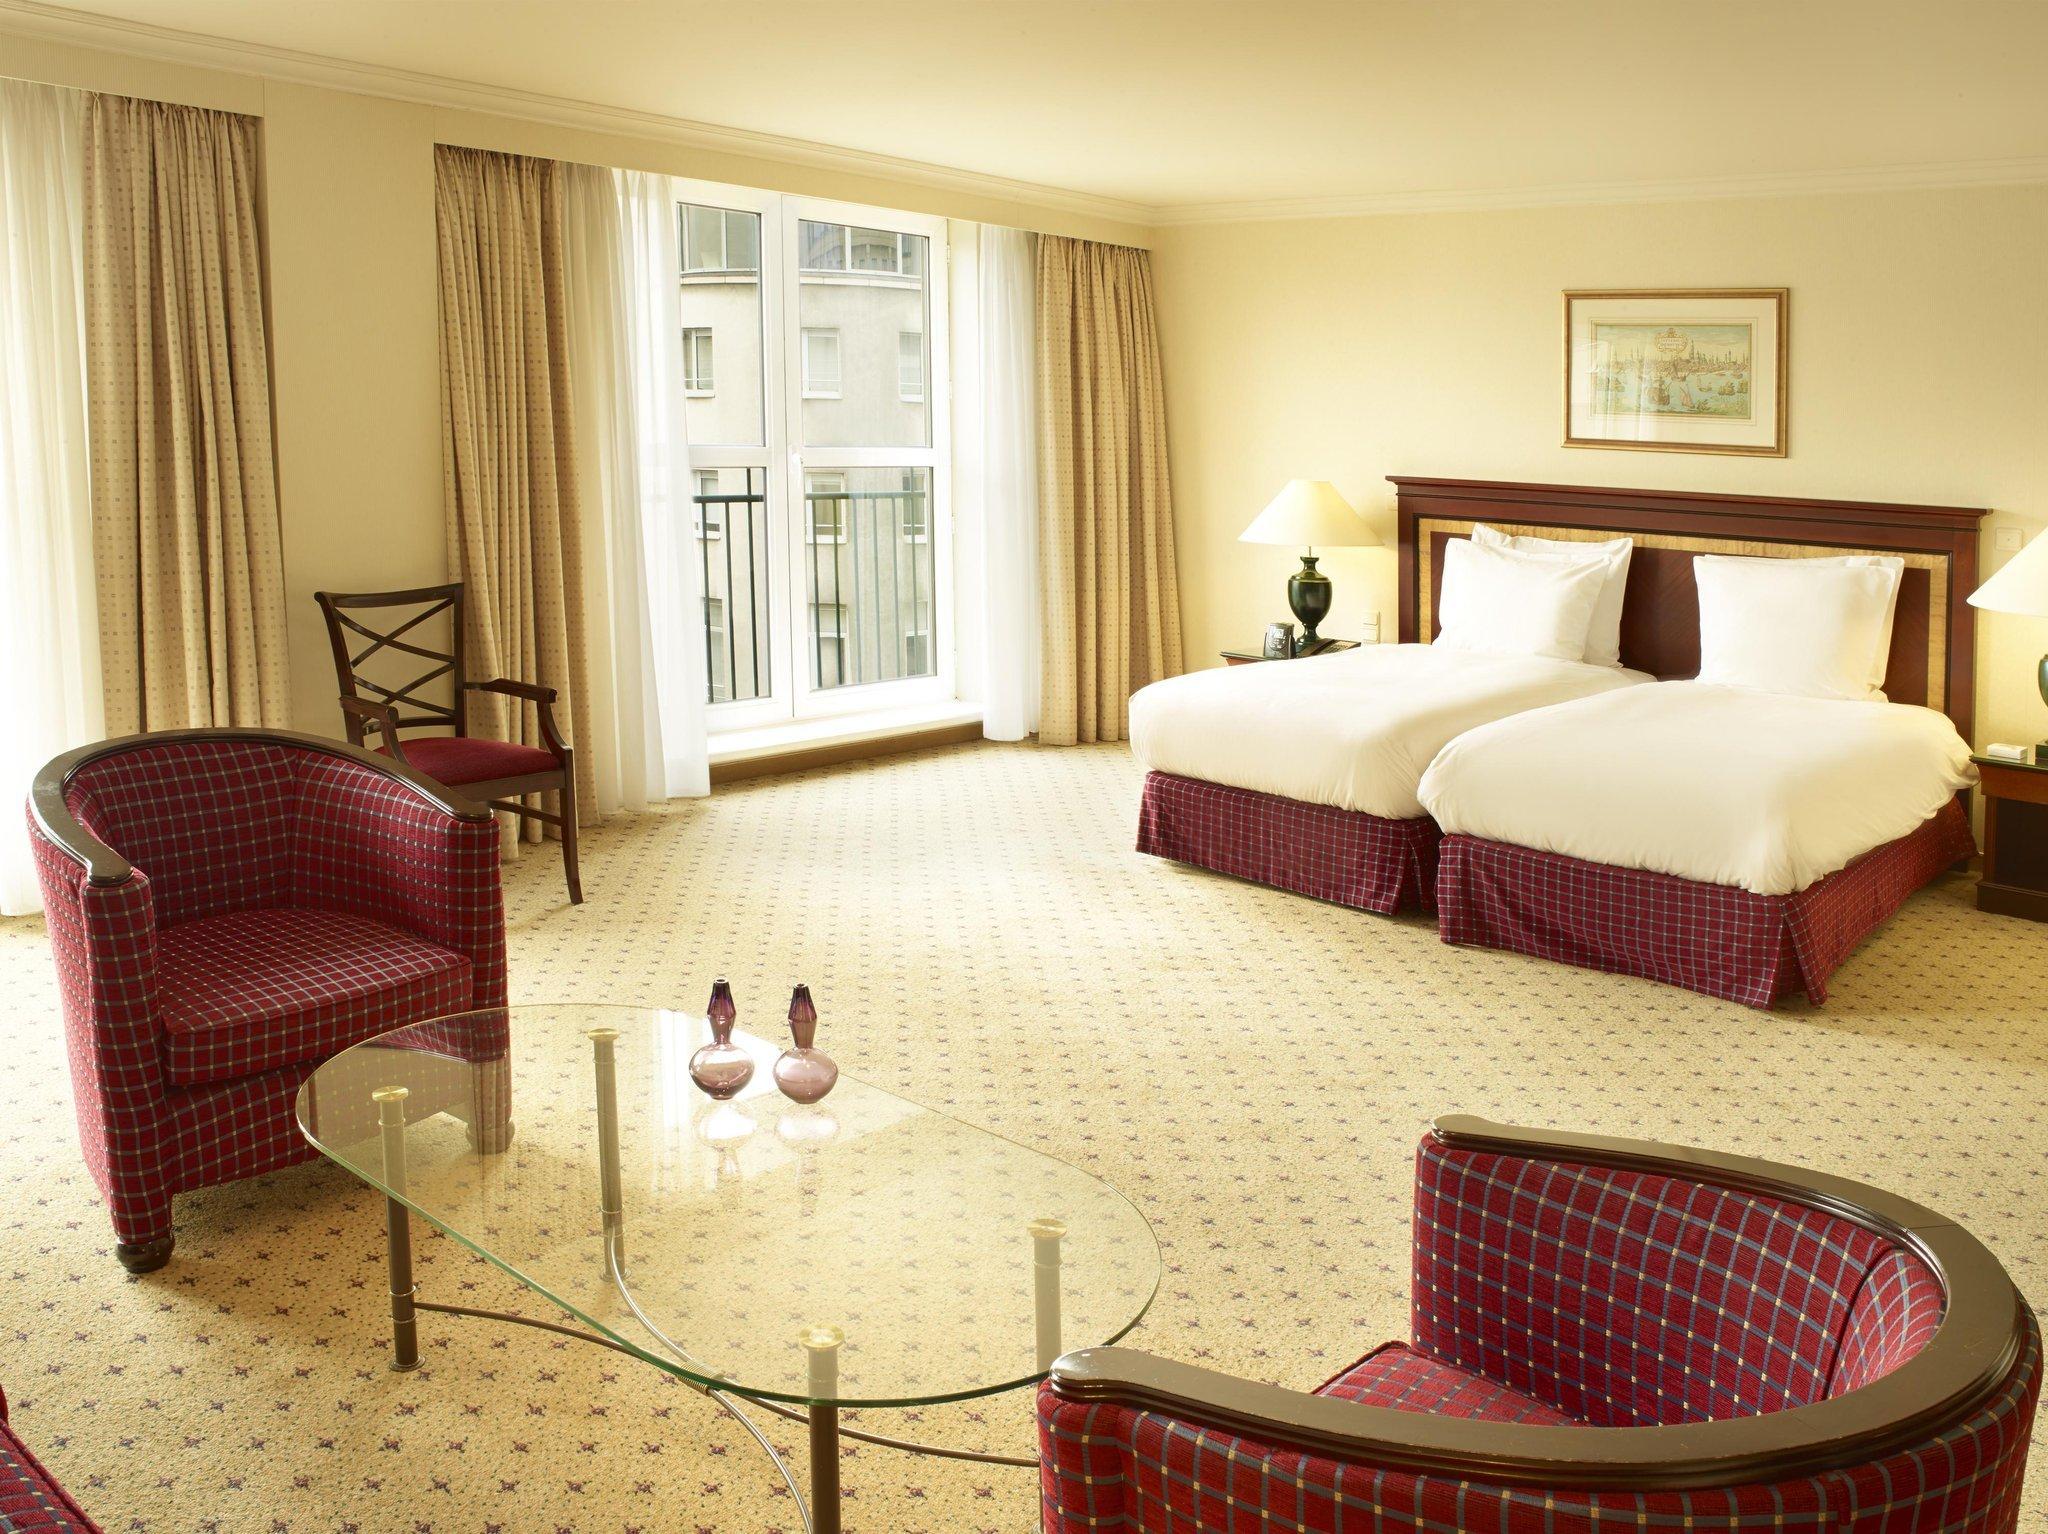 โรงแรมฮิลตัน แอนท์เวิร์ป